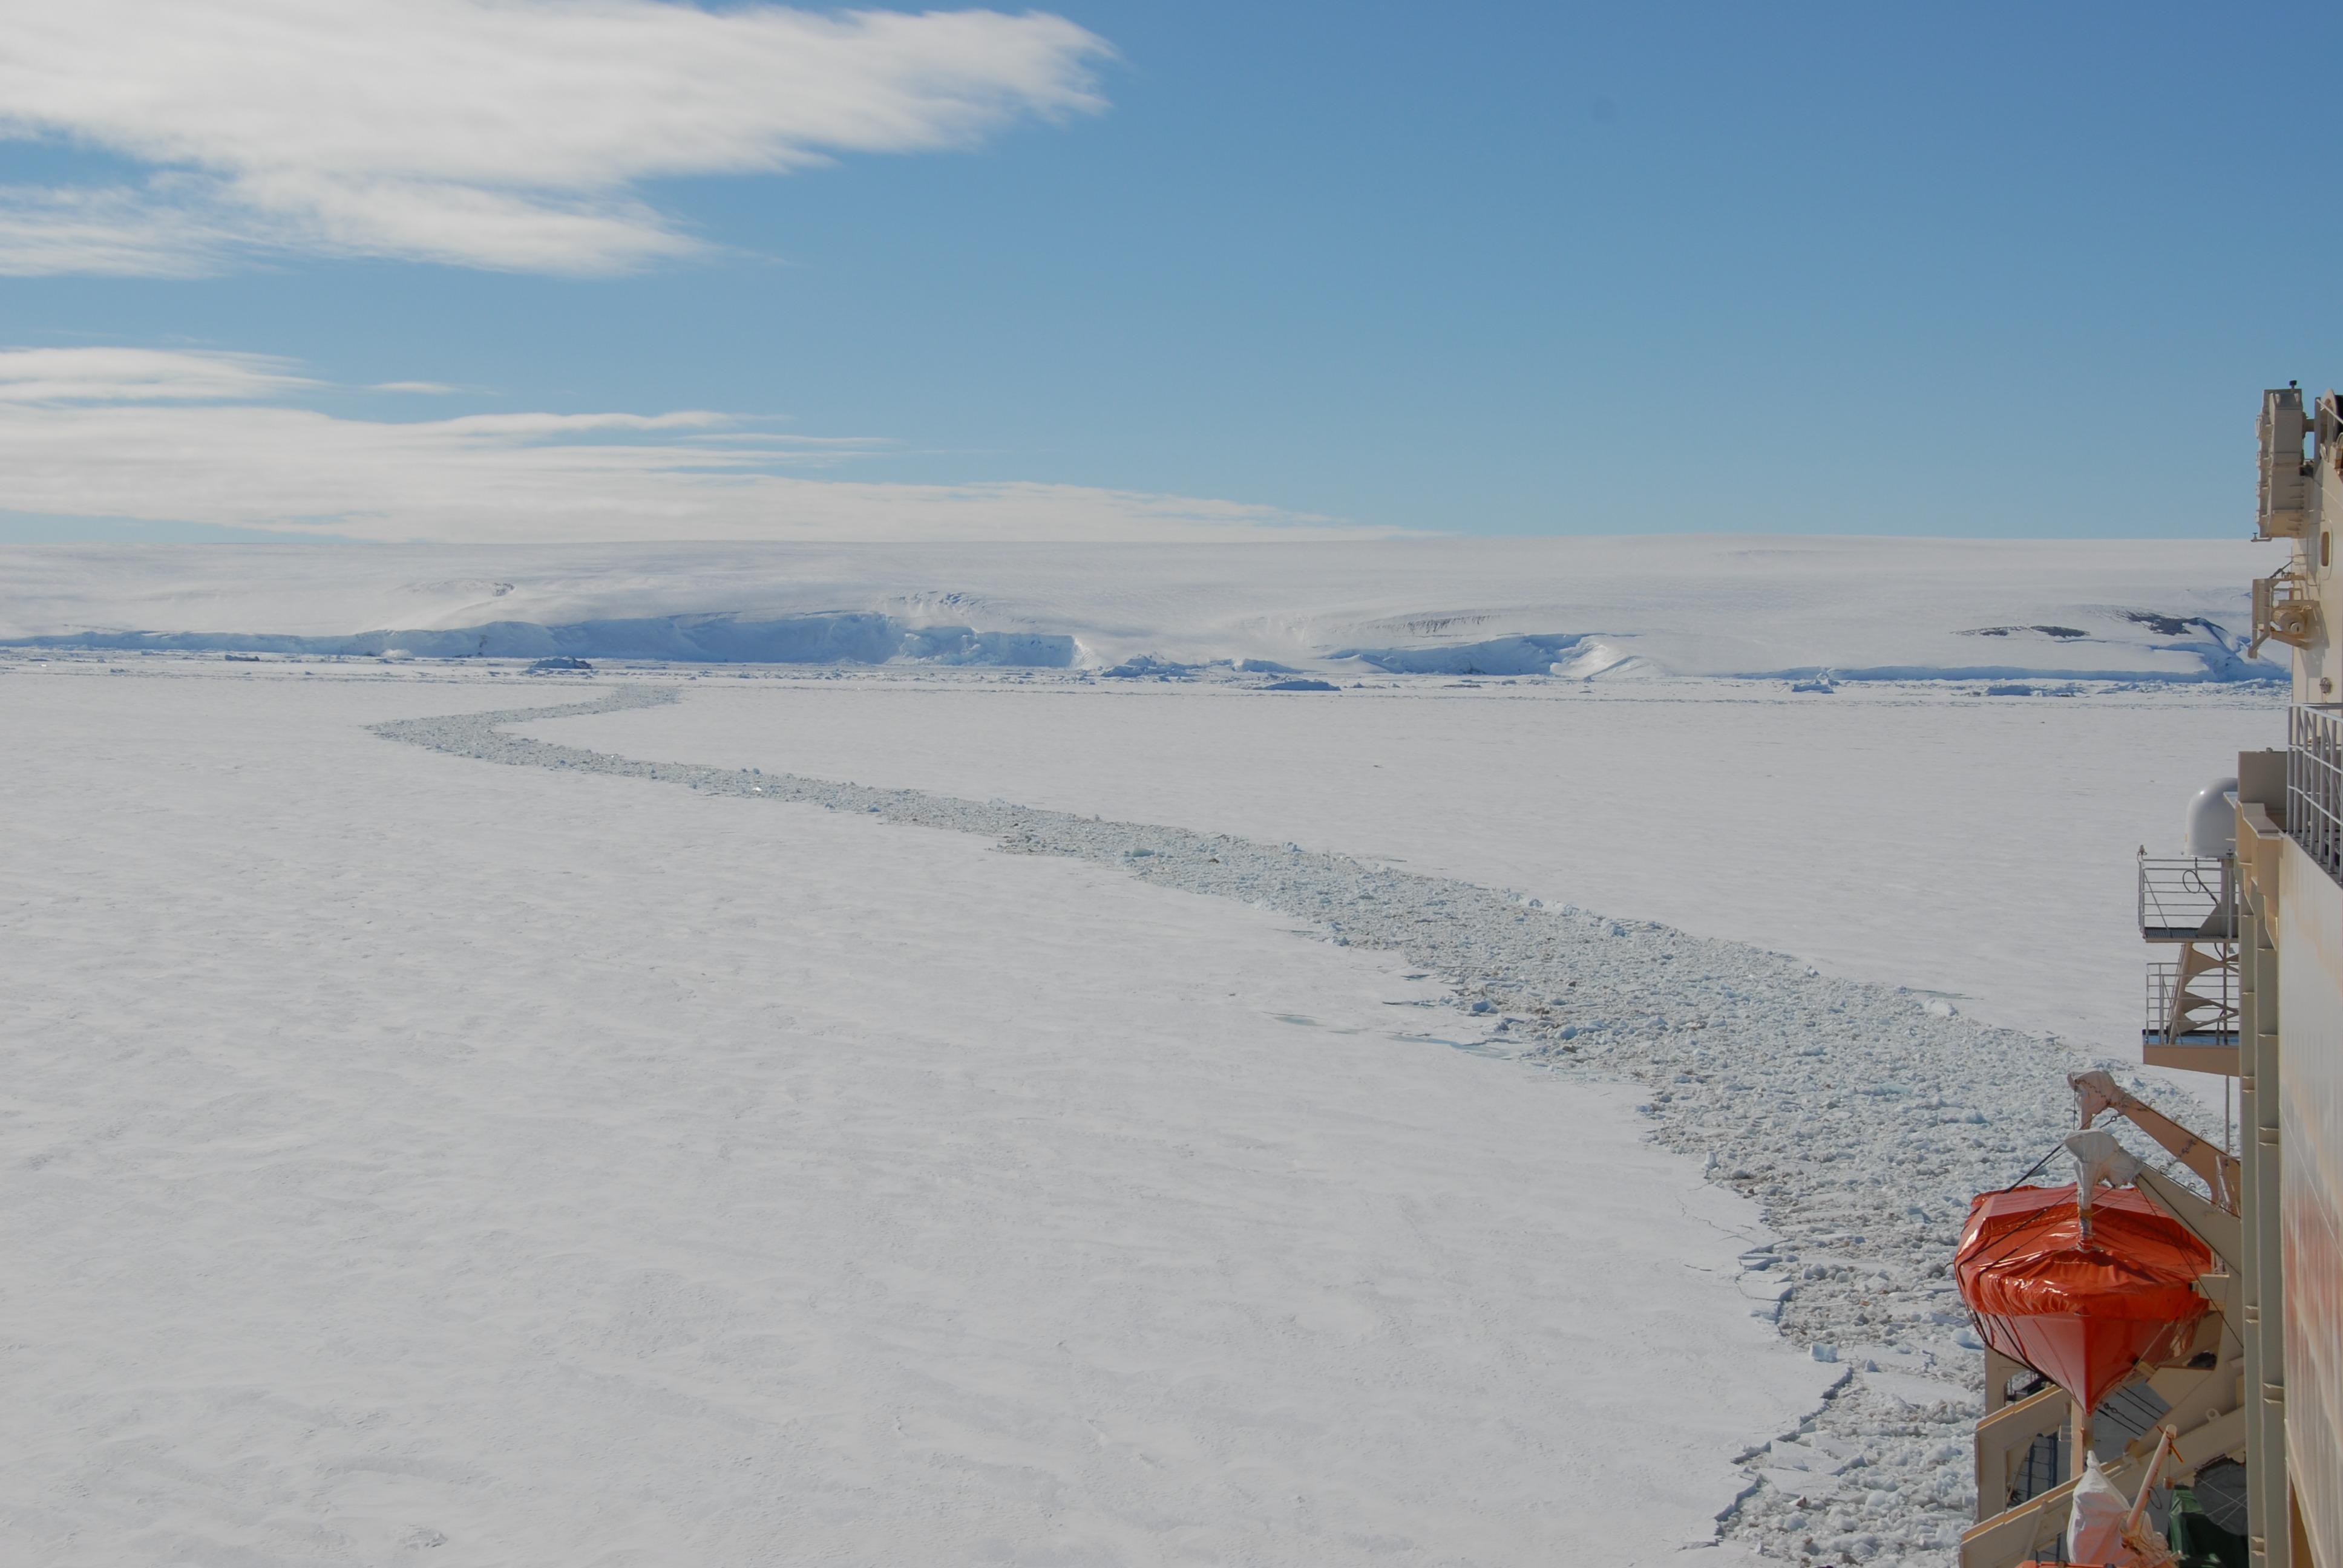 第52次南極観測における南極観測船「しらせ」の航跡